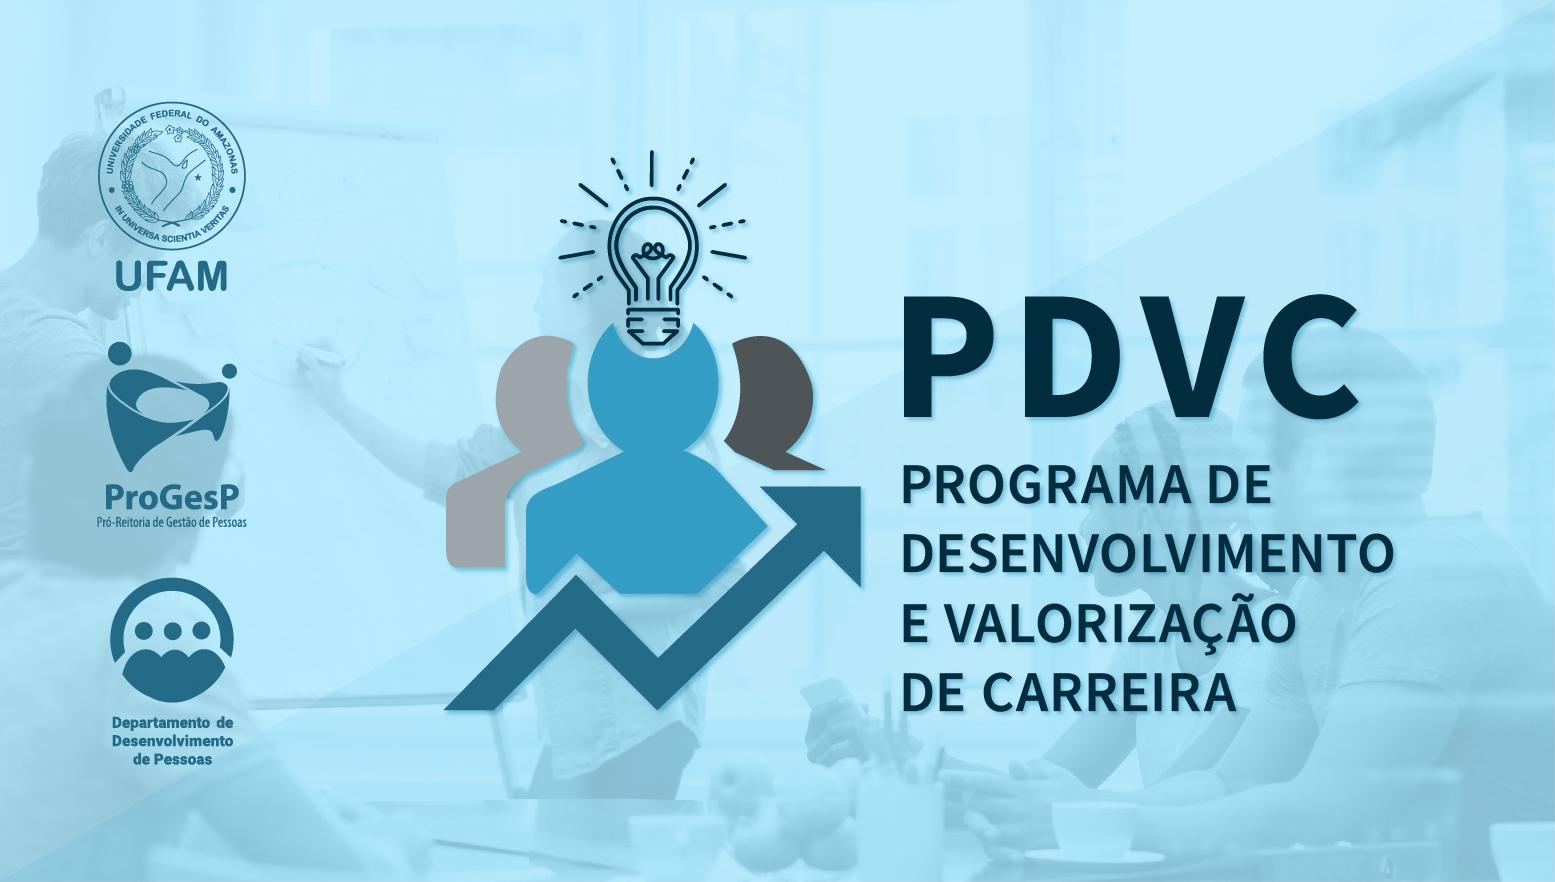 Programa de Desenvolvimento e Valorização da Carreira - PDVC